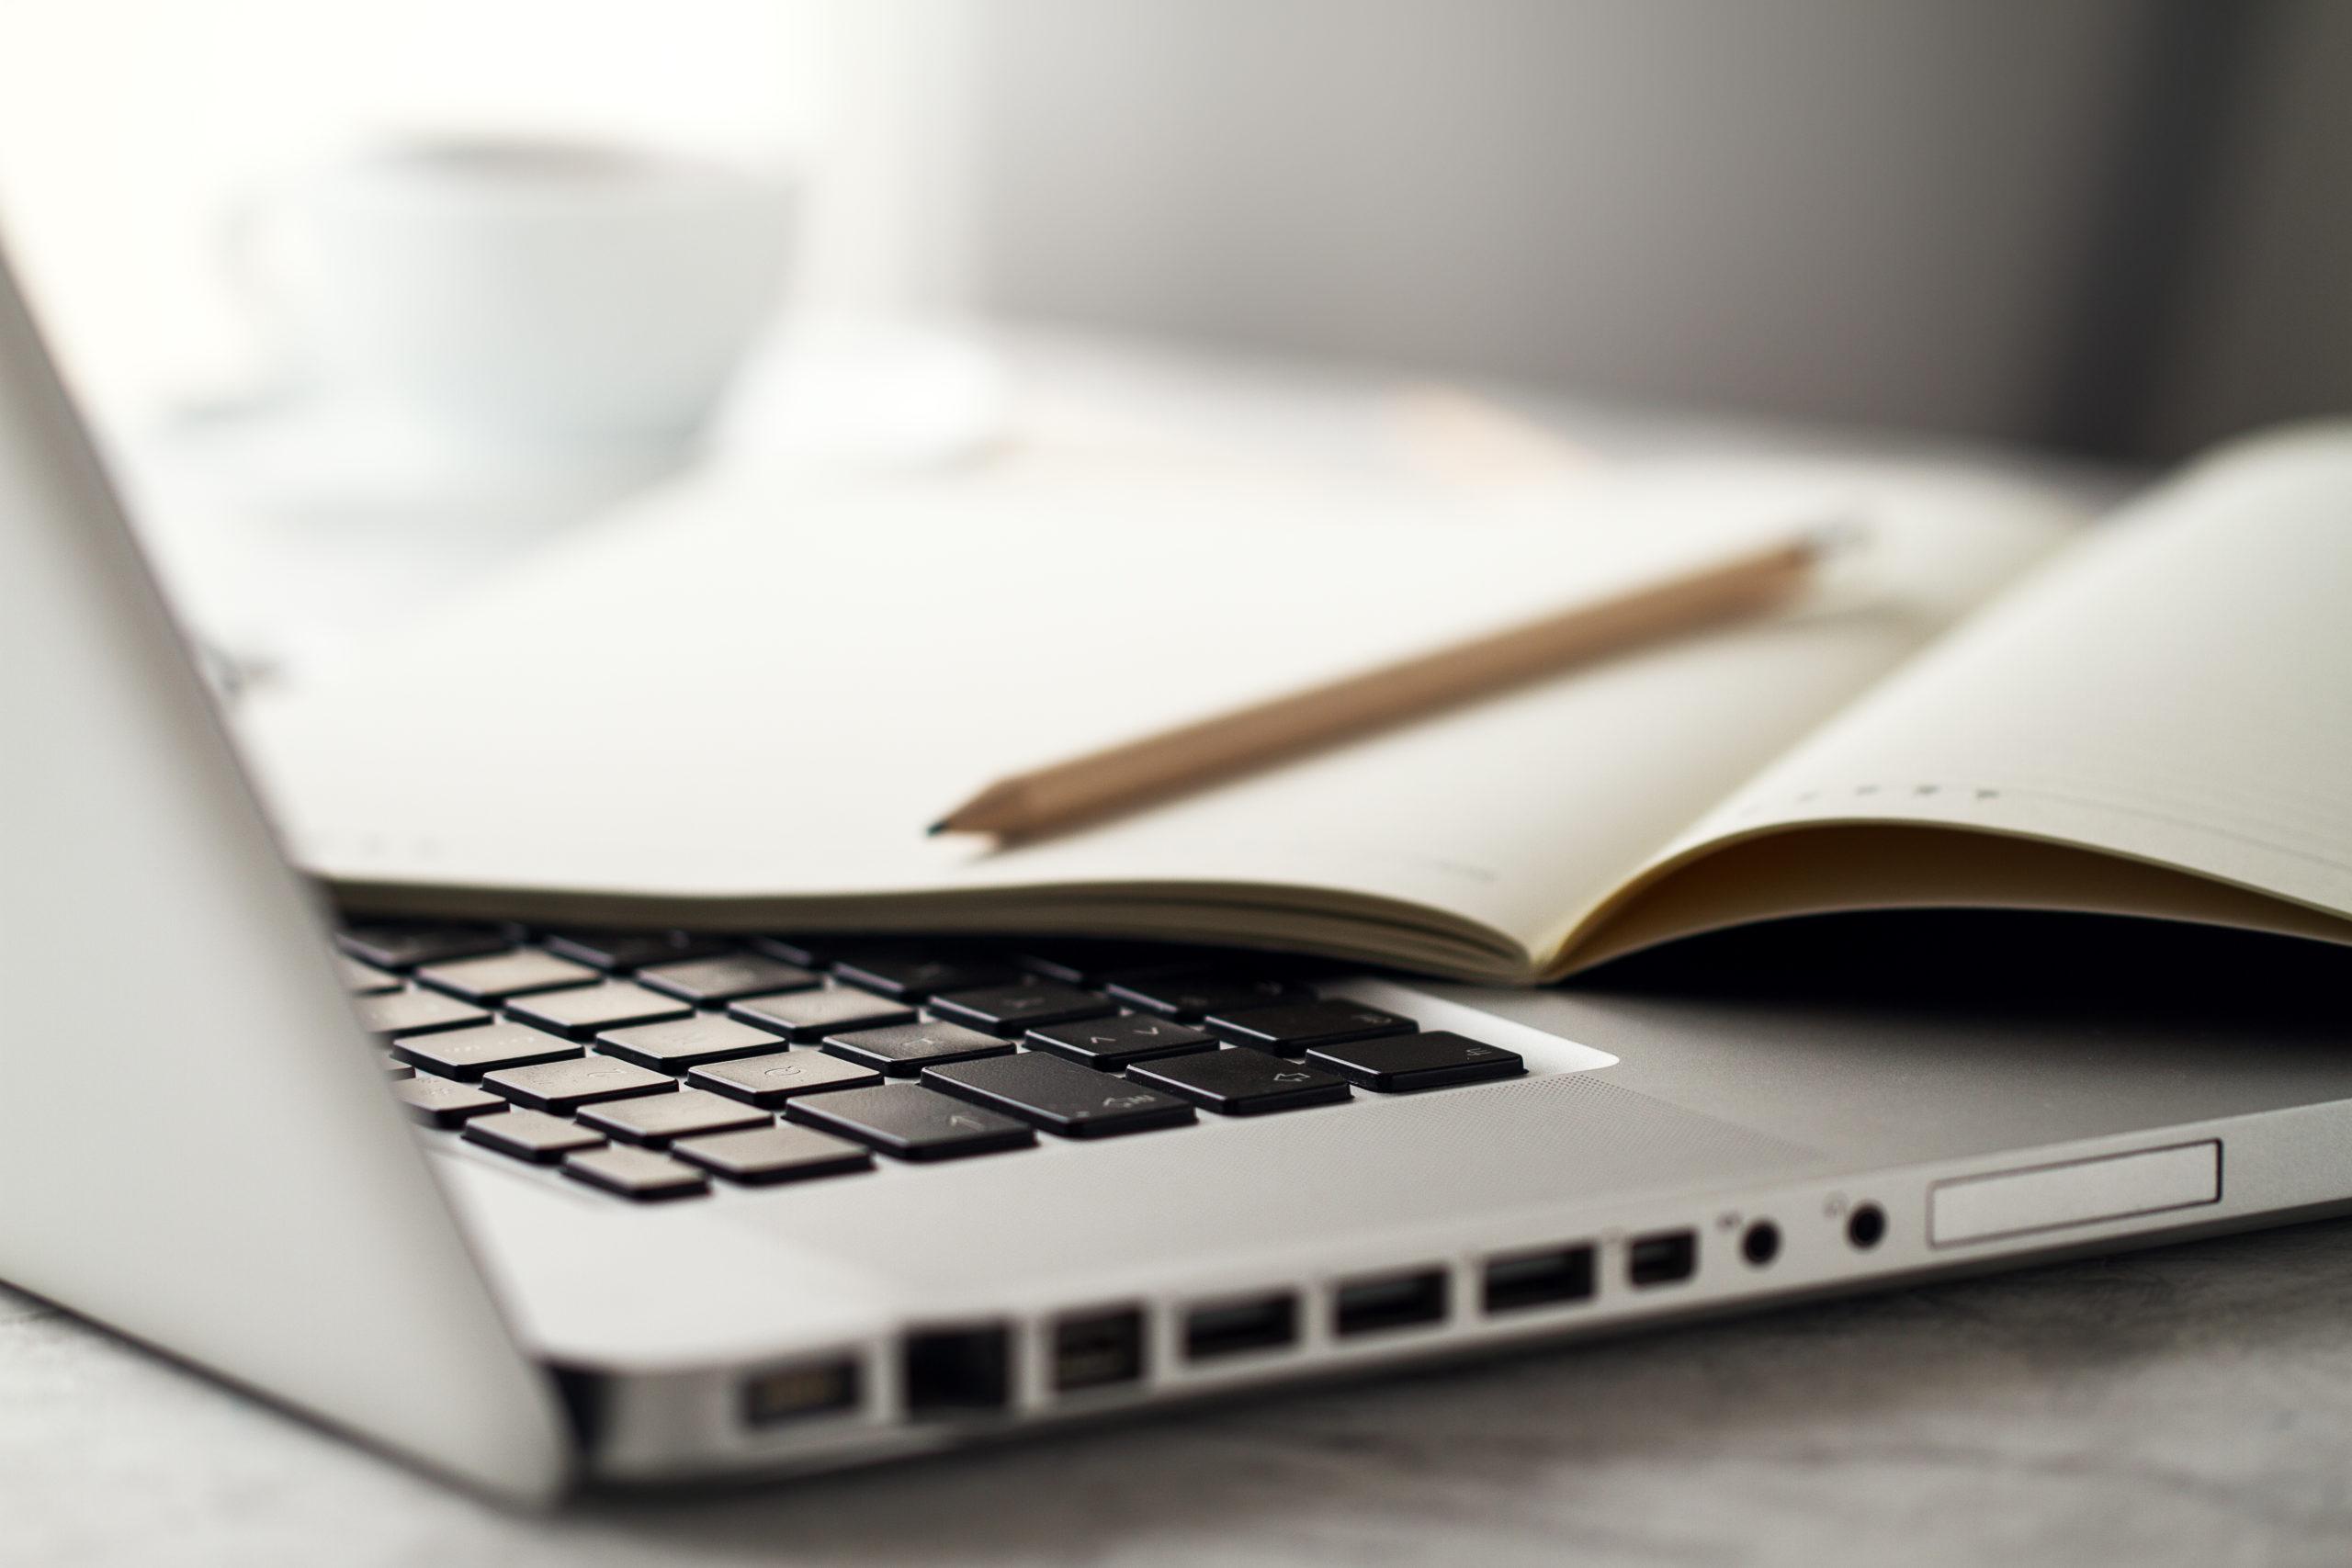 Как выглядят ноутбуки Asus и HP